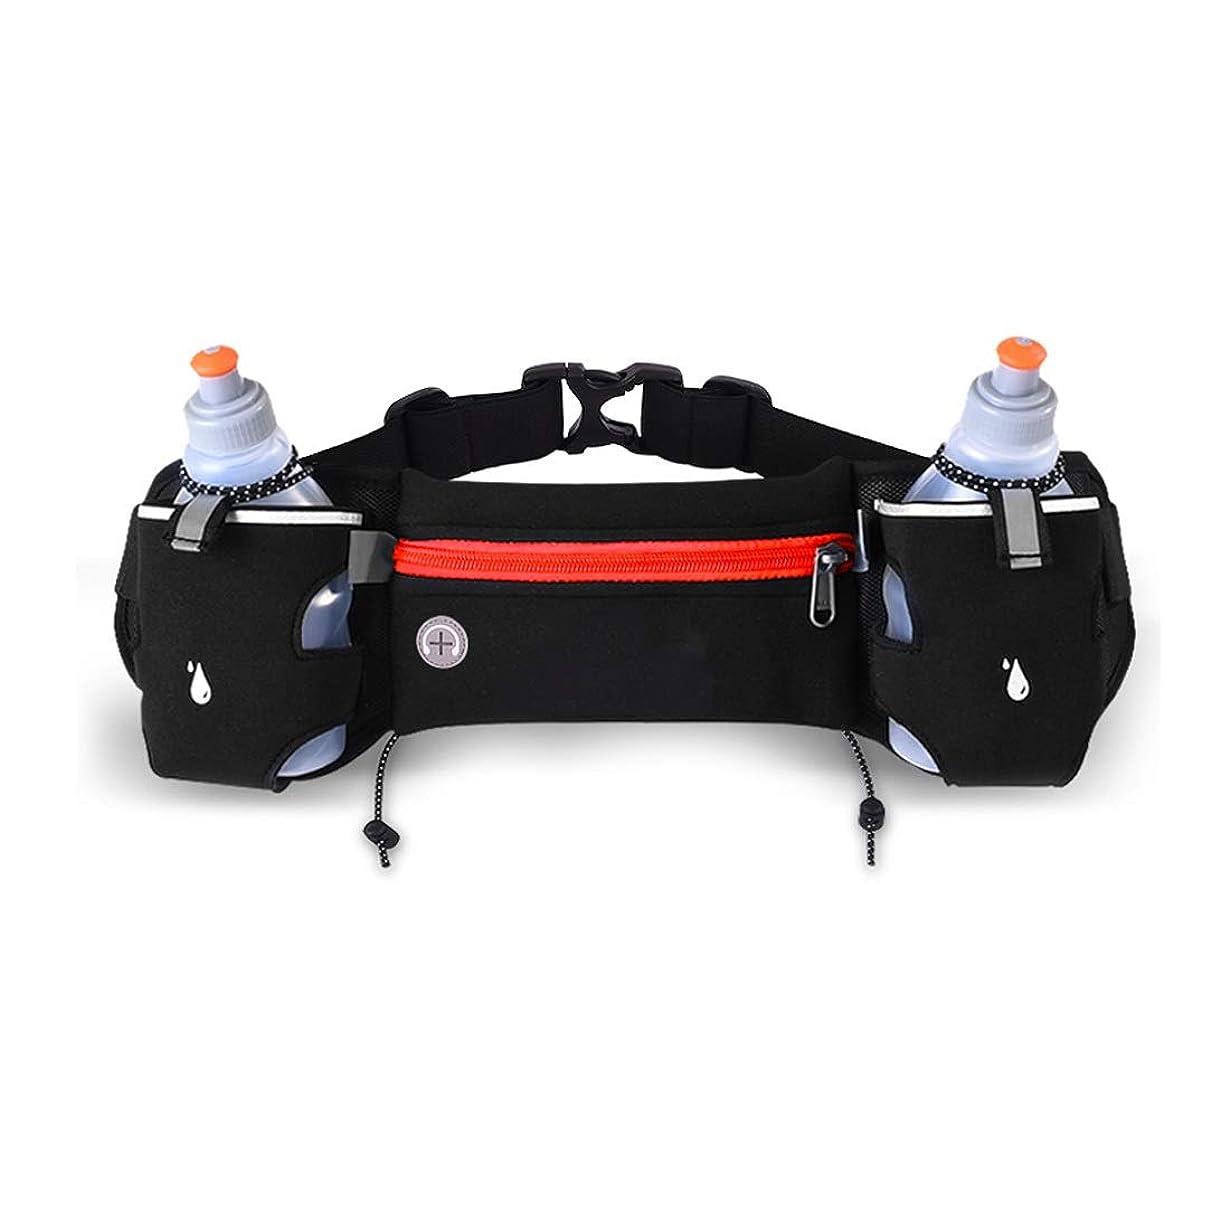 戦争ブランクそれにもかかわらずTcaijing ウエストバッグ、ウエストポーチ女性男性大容量ヘッドフォンホール弾性ウエストパックサイクリングスポーツバッグ